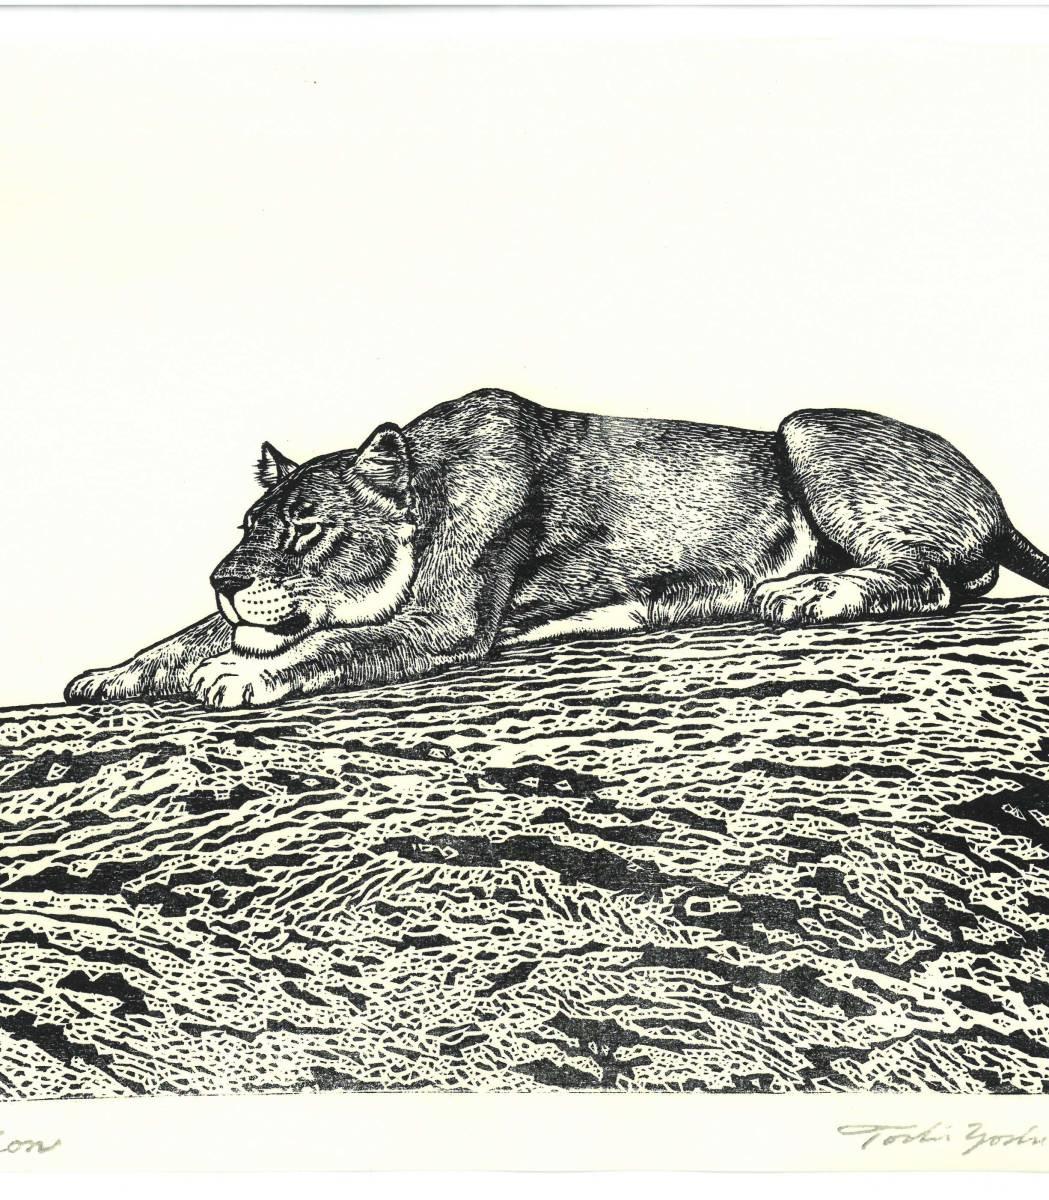 吉田遠志 (Yoshida Toshi) 木版画  ライオン#2 (Lion2)  最高峰の摺師の技をご堪能下さい!!  希少作品 残数枚のみ!!_画像4